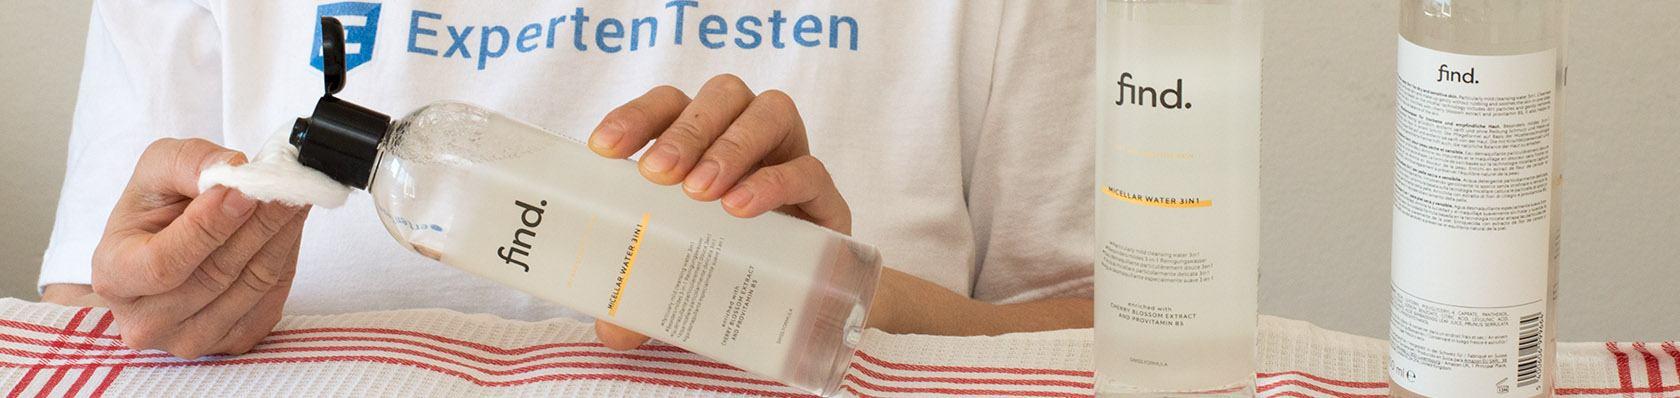 Micellar Water im Test auf ExpertenTesten.de